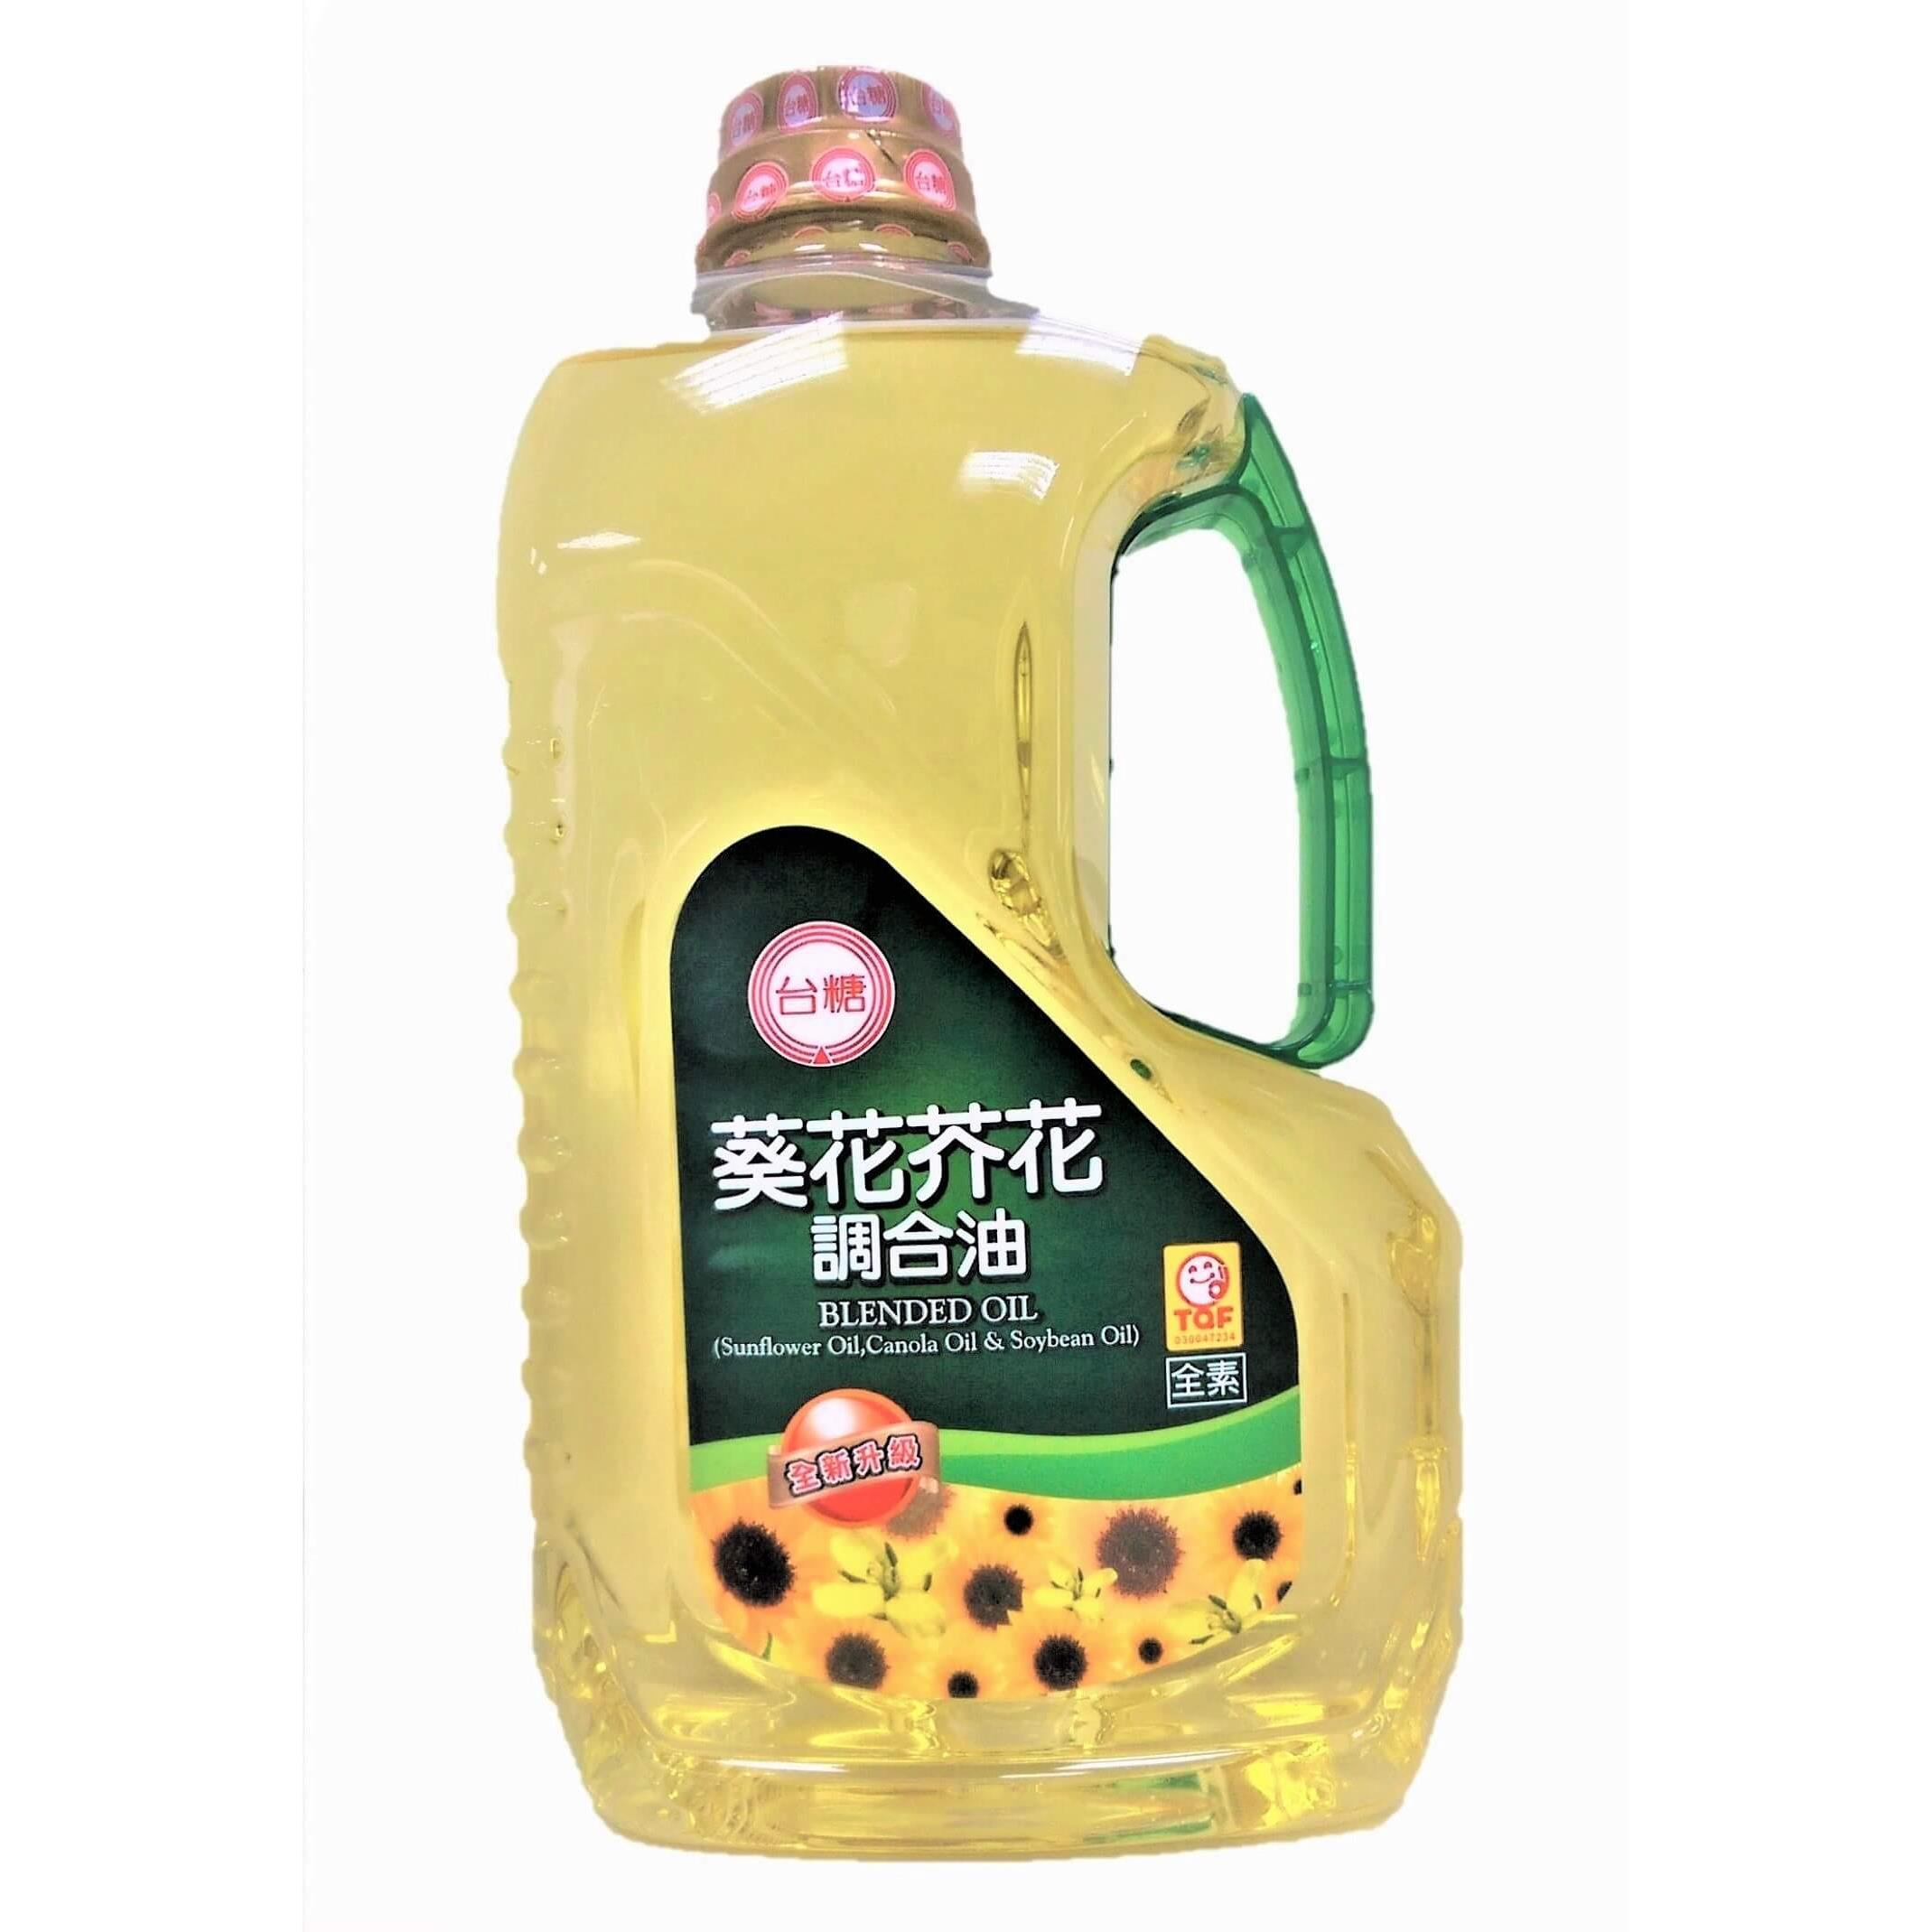 【台糖】Omega3+6葵花芥花調合油 (2公升裝)